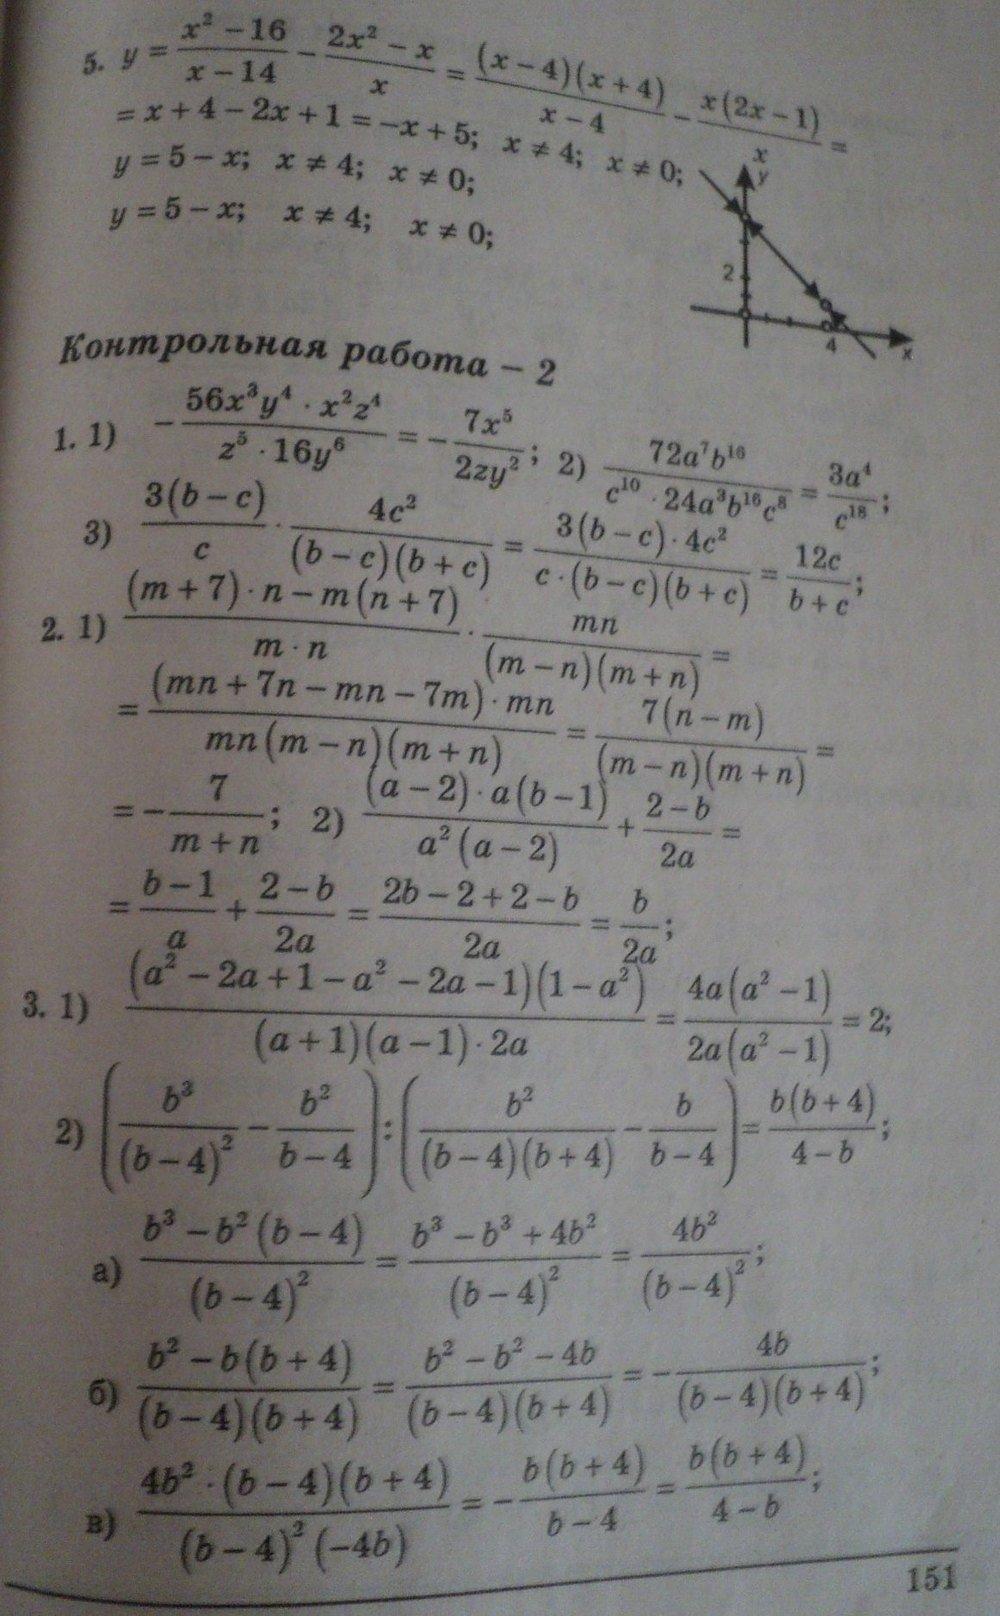 ГДЗ по алгебре 8 класс Щербань П.. Задание: стр. 151